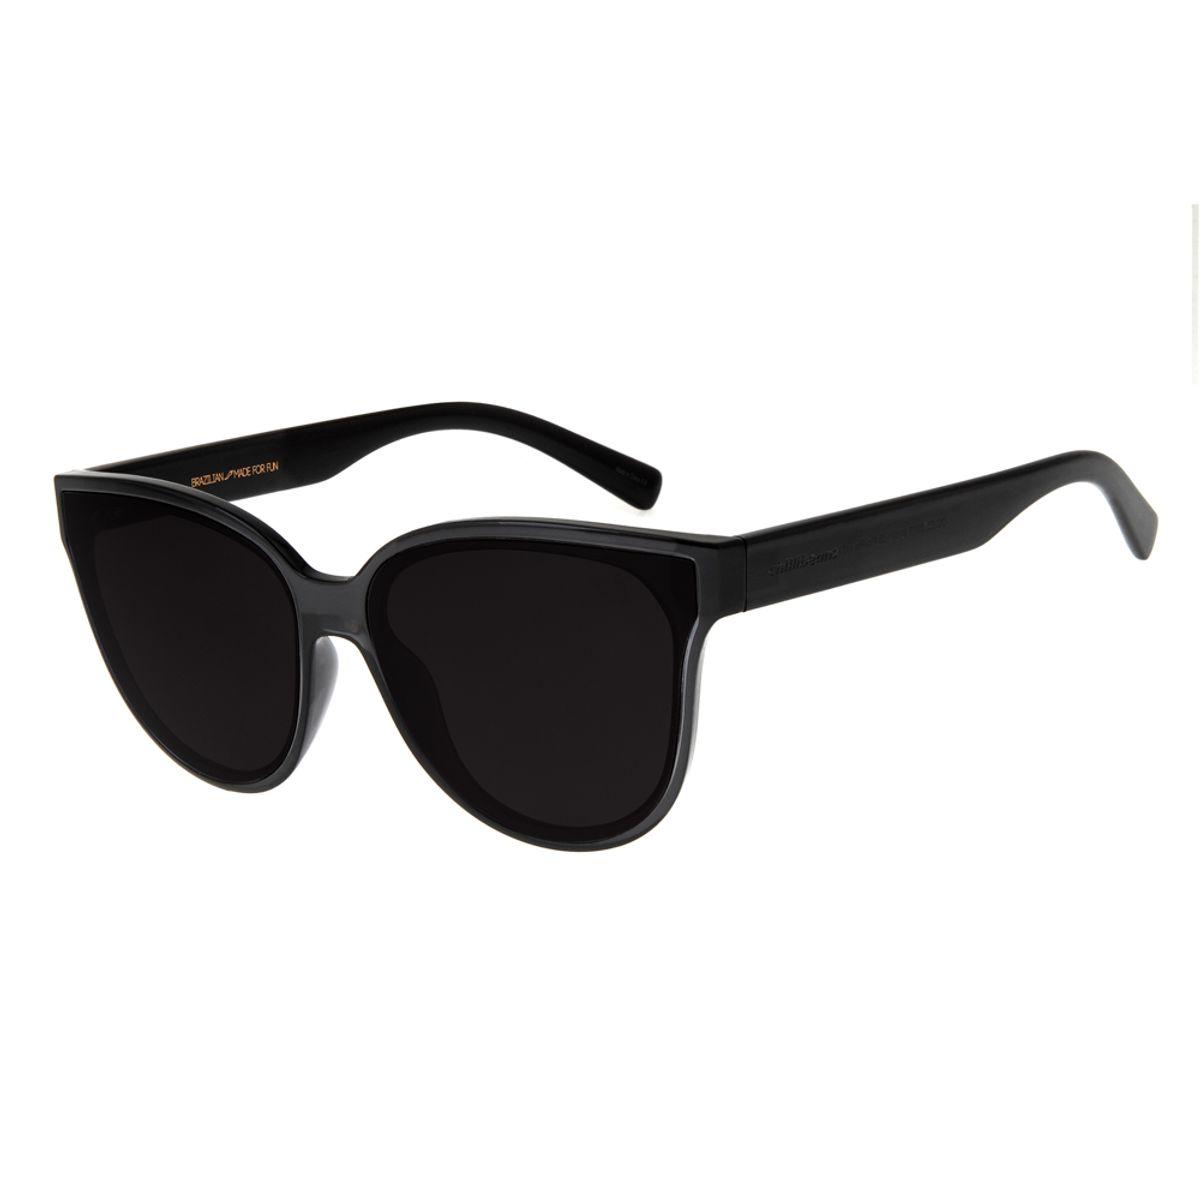 b60265c3b6516 Óculos de Sol Feminino Chilli Beans Gatinho Preto Transparente 2707 ...